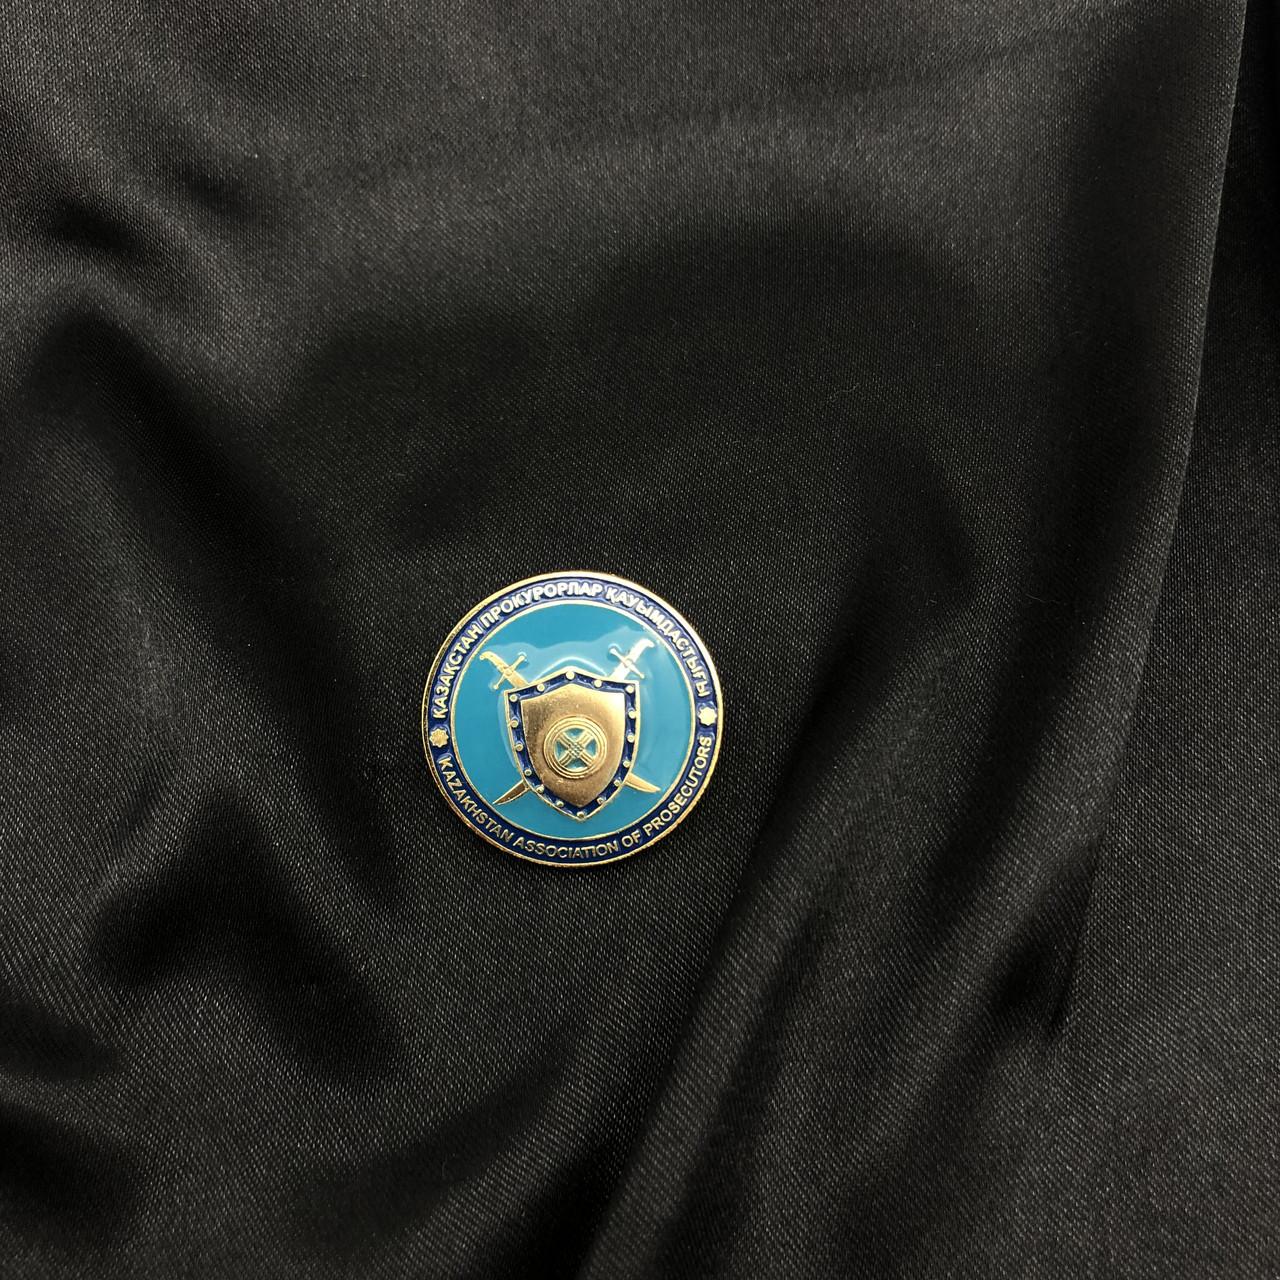 Металлические нагрудные значки для выпускников вузов